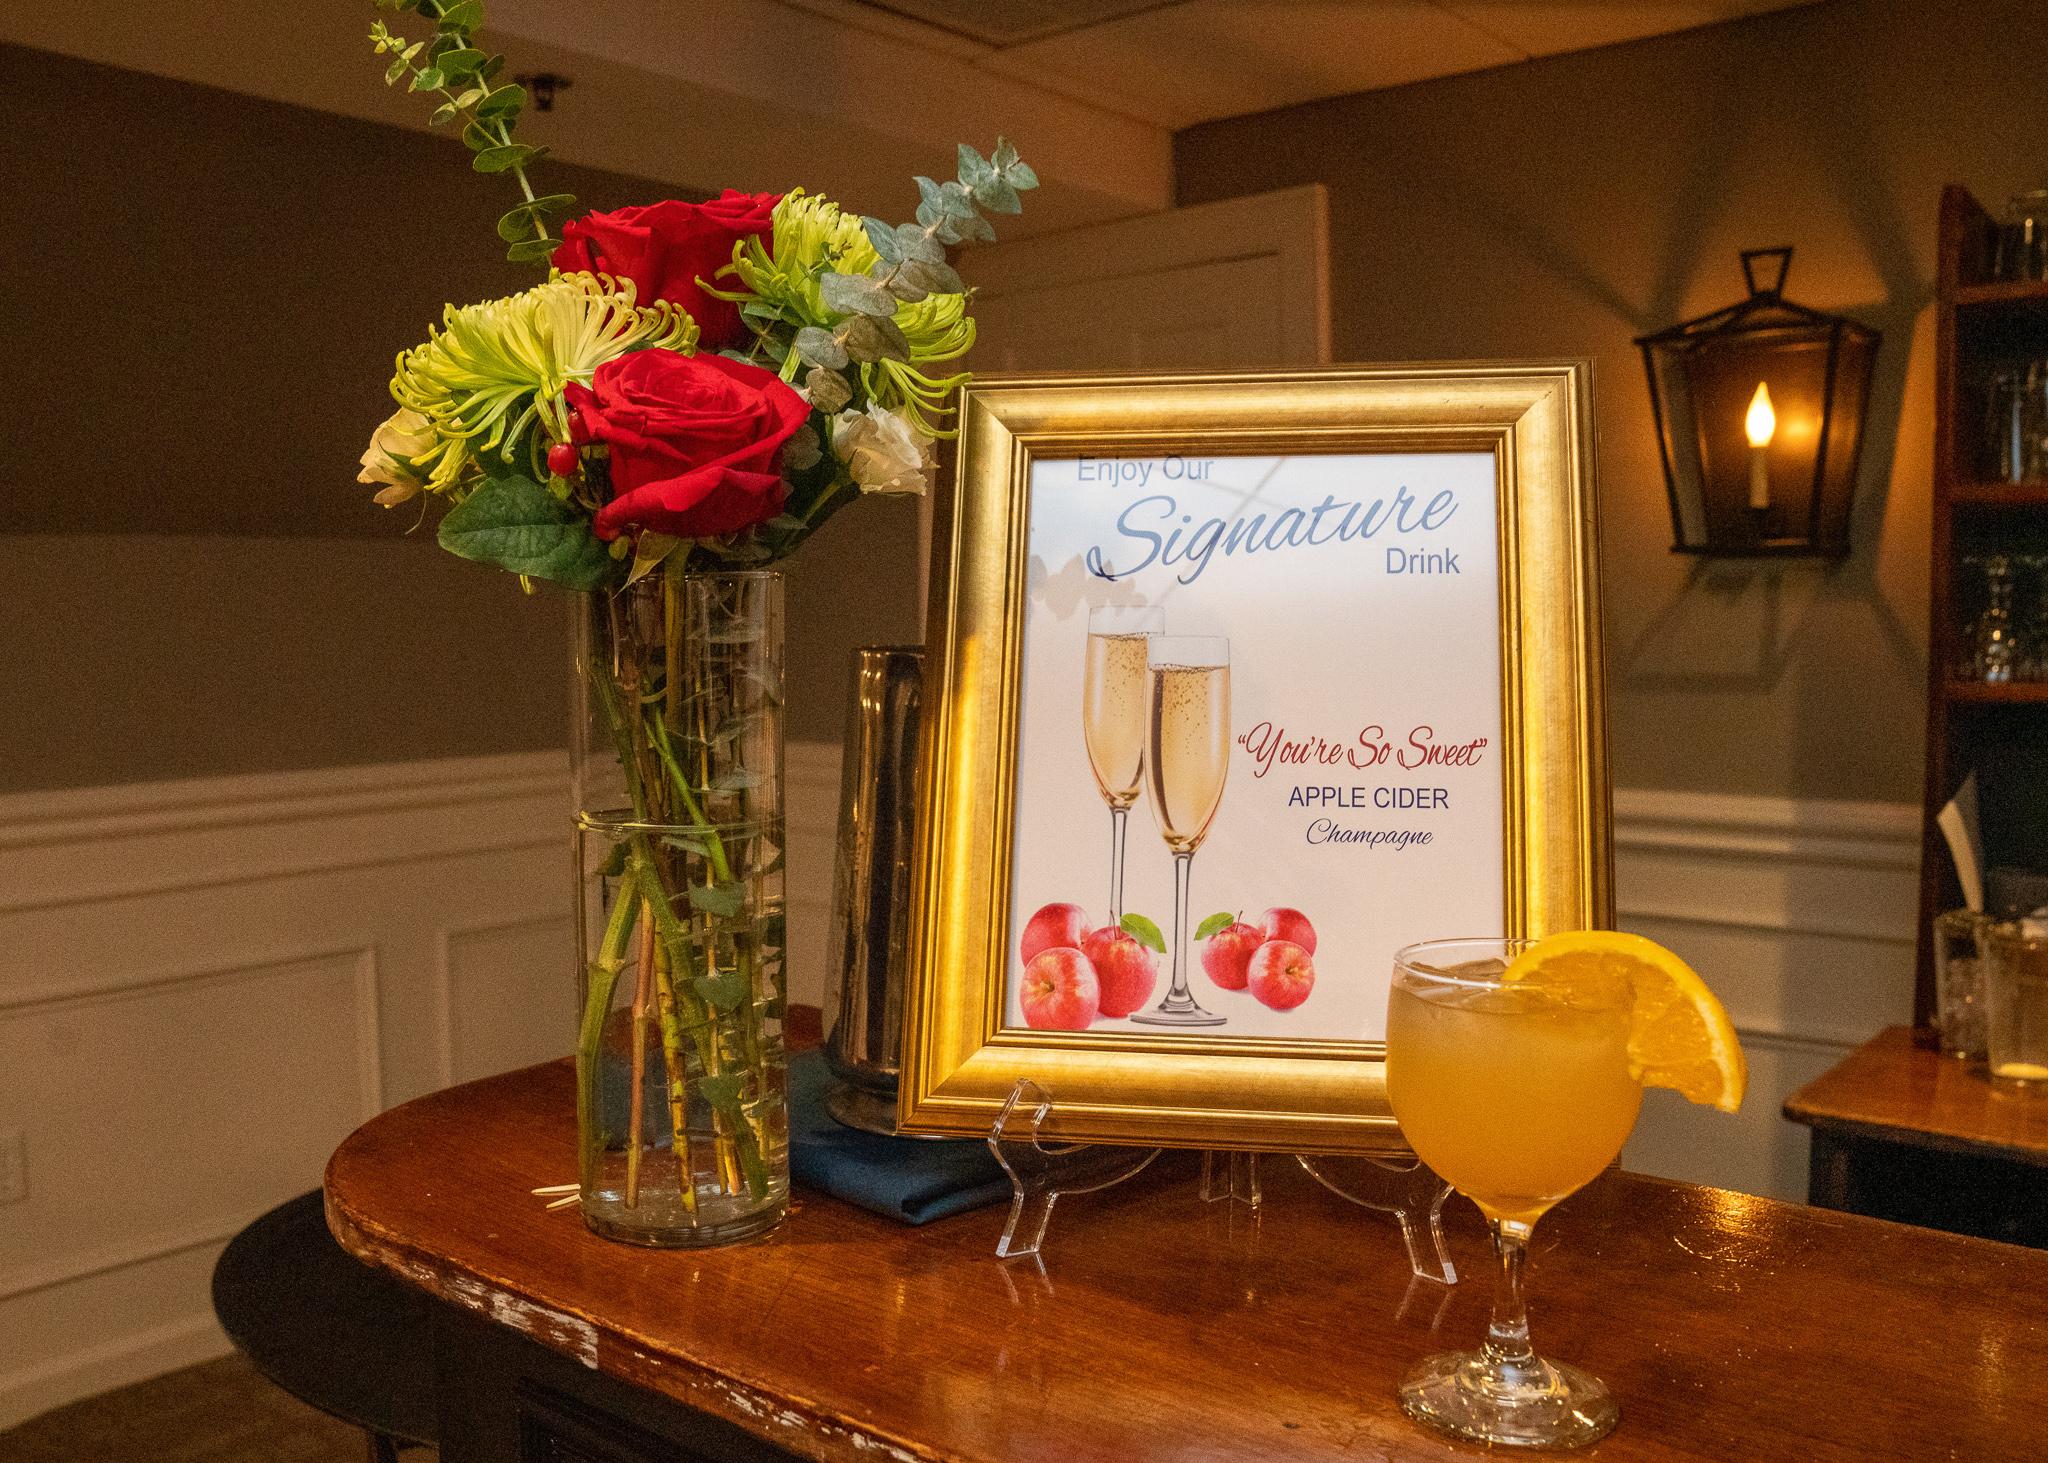 Bar flowers and custom bar sign